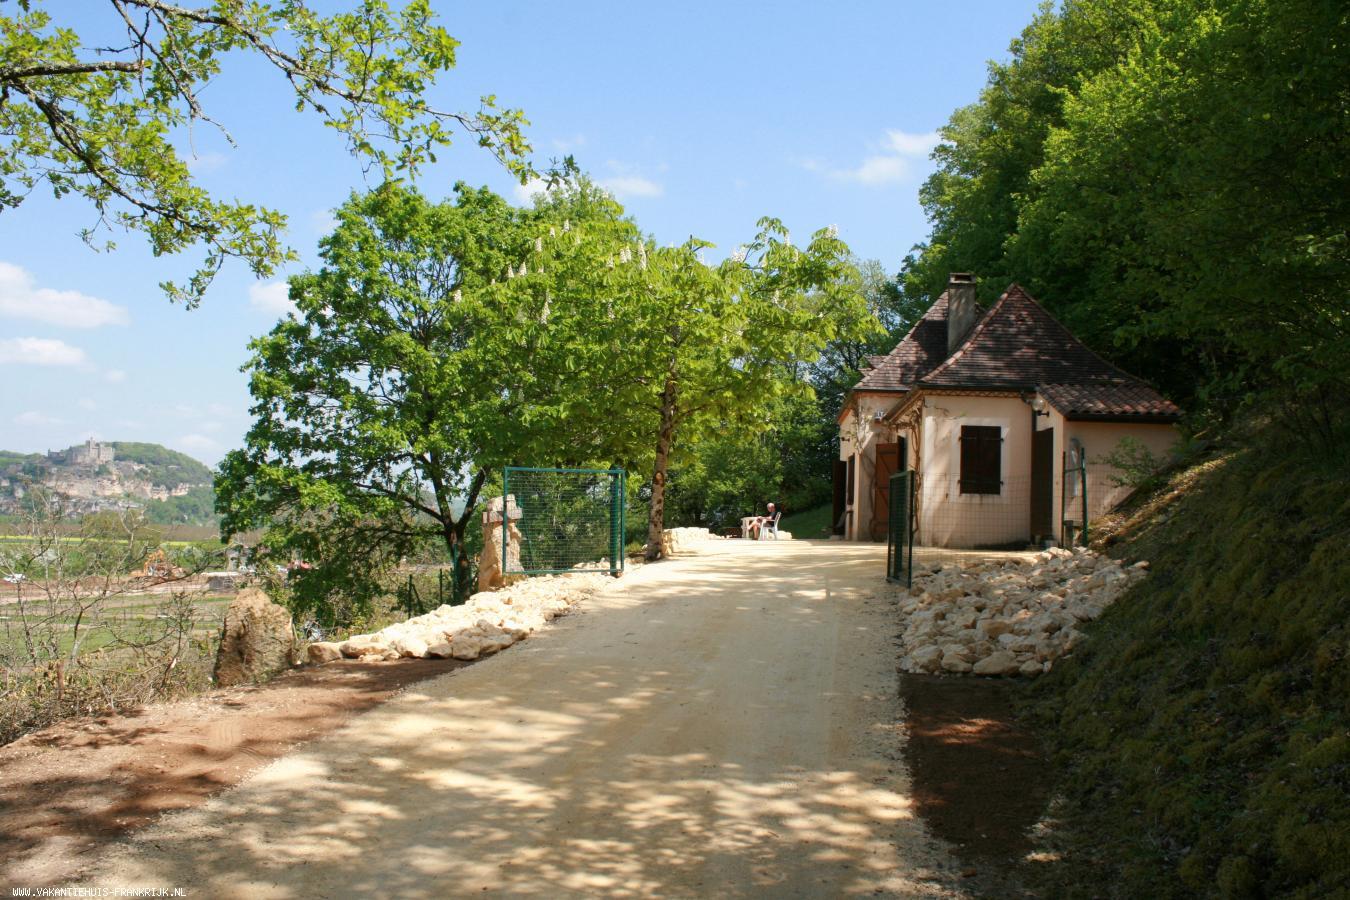 Vakantiehuis: Vakantiewoning met uniek uitzicht op chateau BEYNAC! Gelegen aan Rivier de DORDOGNE, tussen chateau - Milandes, Fayrac en Castelnaud. te huur voor uw vakantie in Dordogne (Frankrijk)